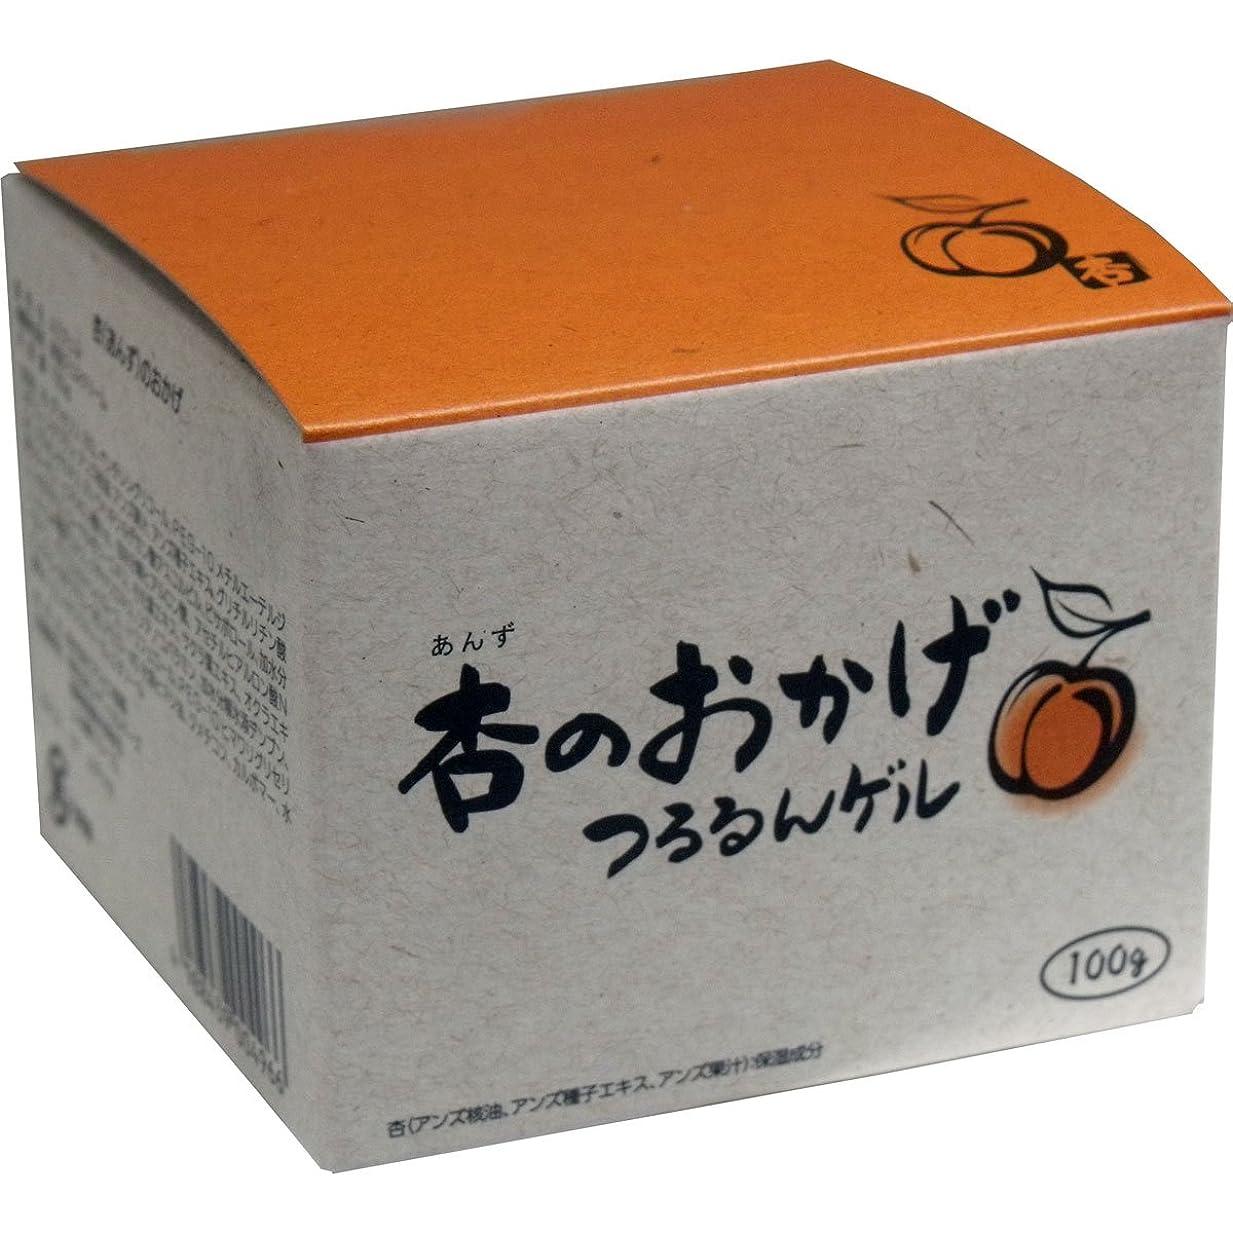 気性クラッチ干渉杏のおかげ つるるんゲル 2個セット